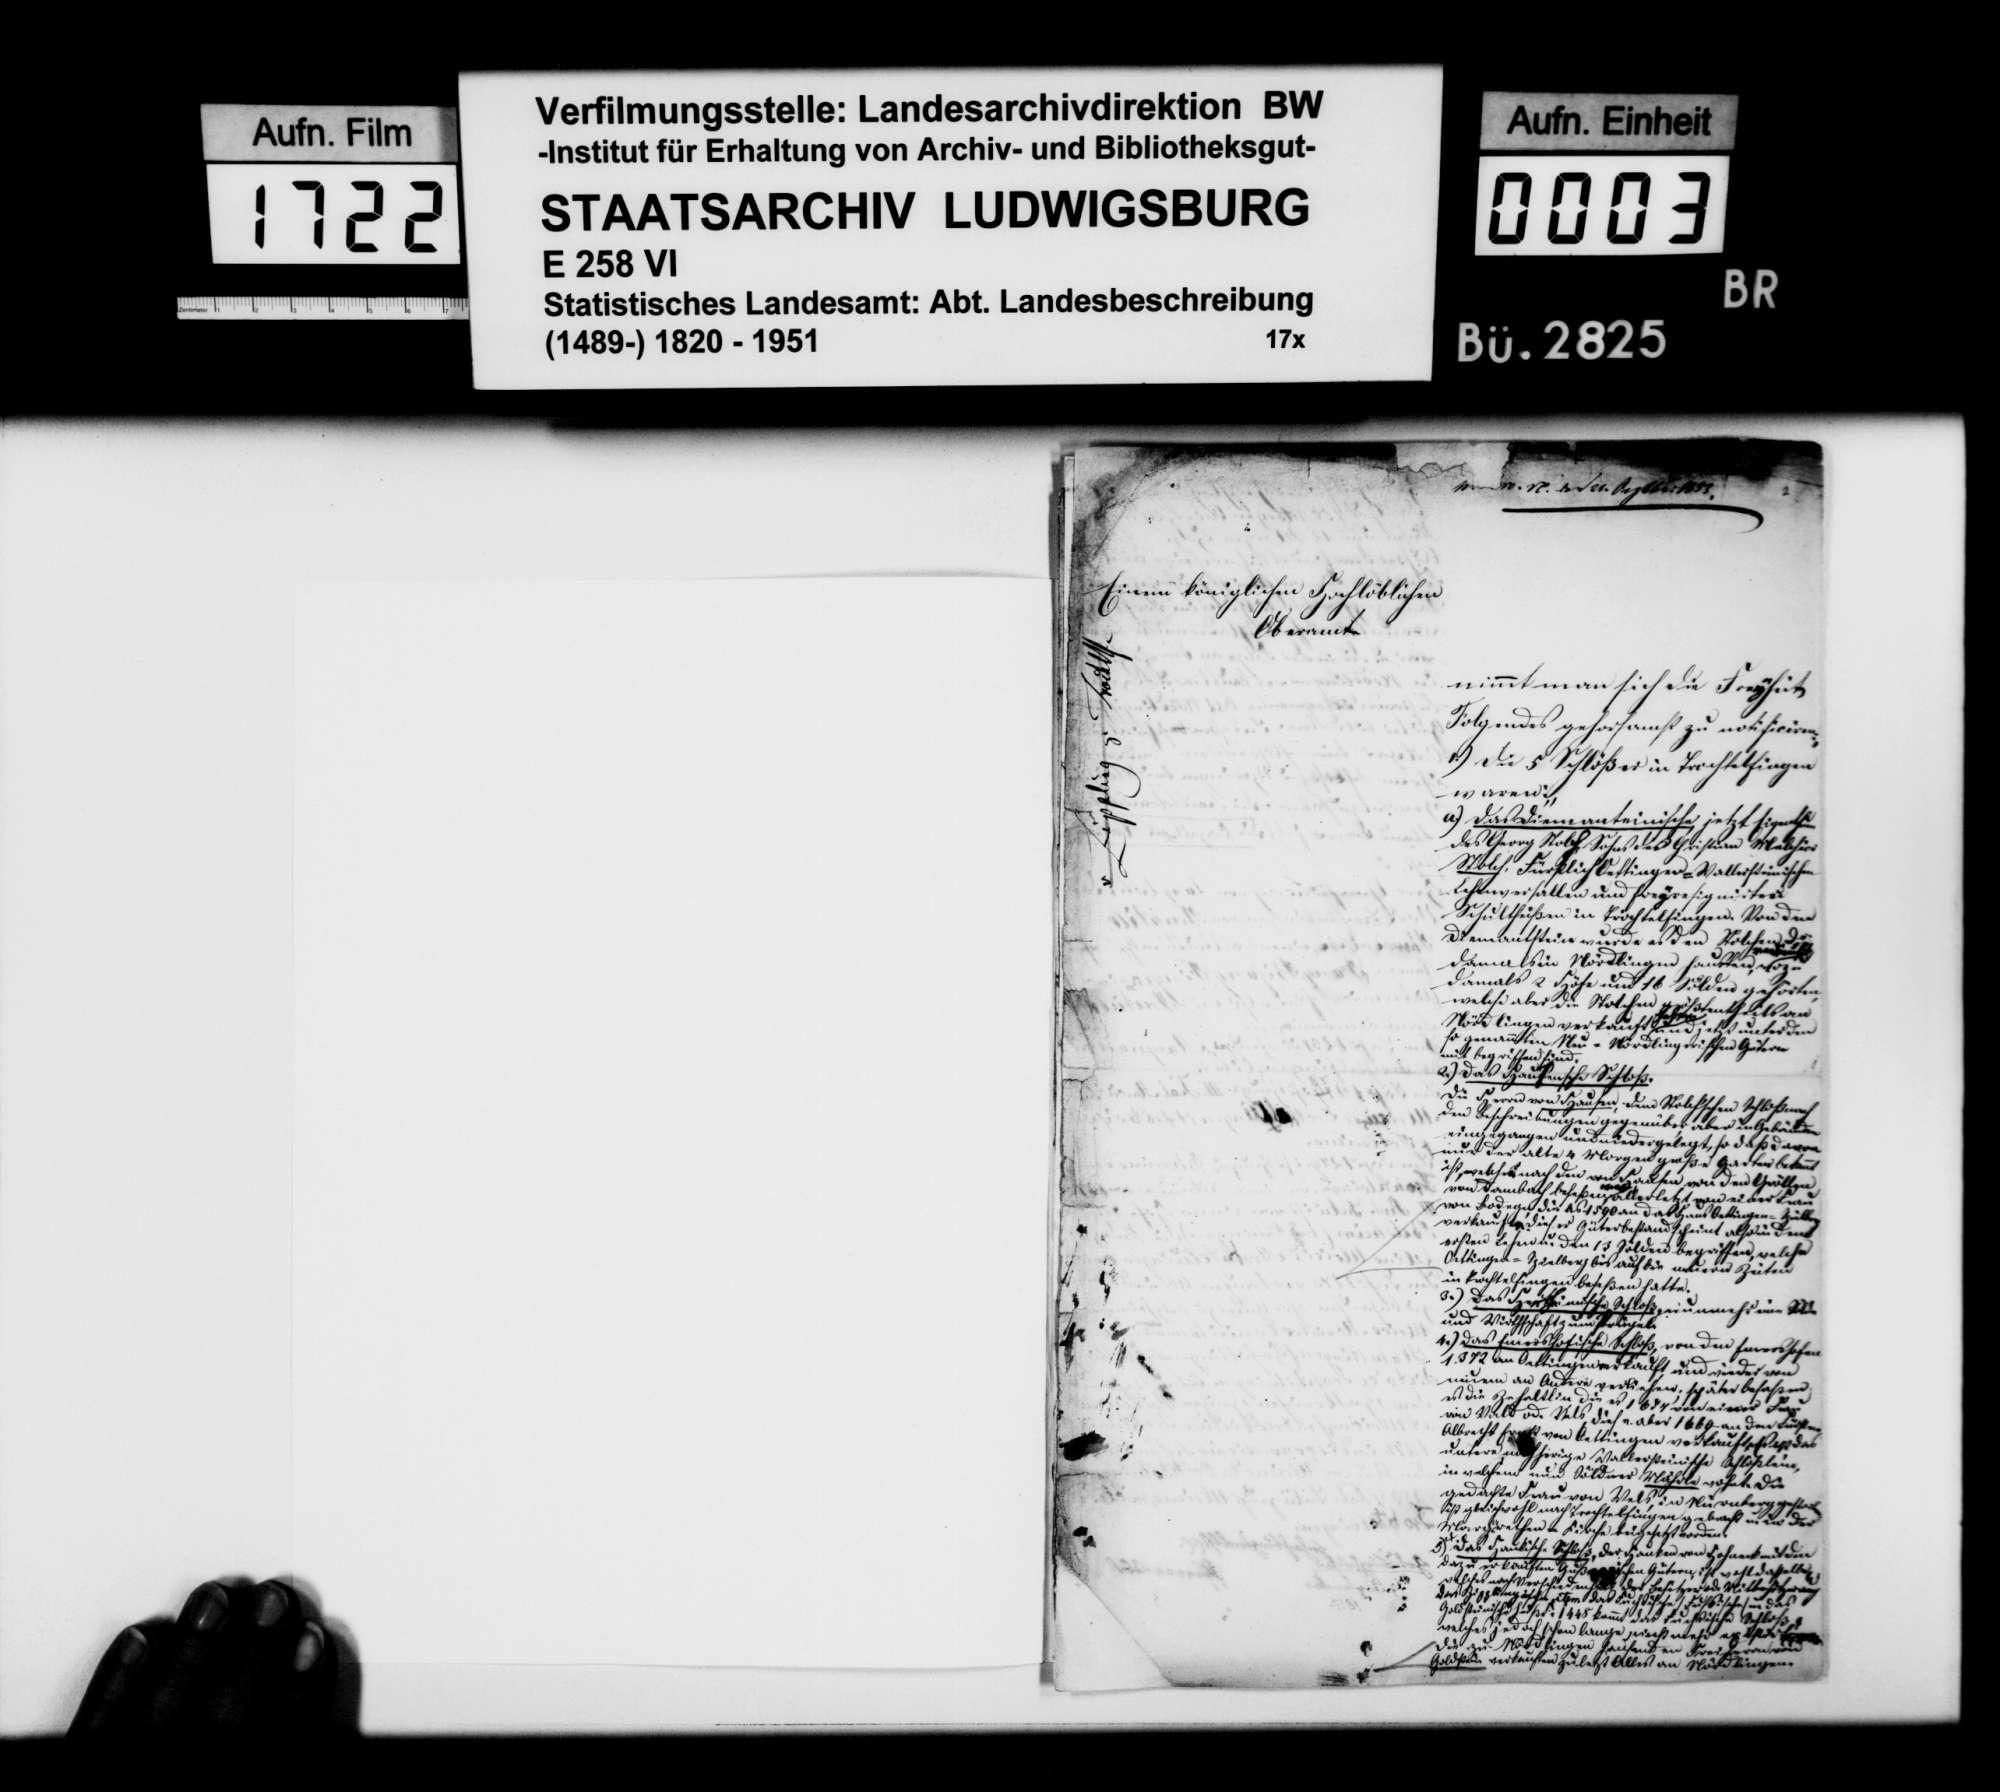 Beiträge des Pfarrers Abel aus Goldburghausen zur Historiographie des Oberamts, Bild 2